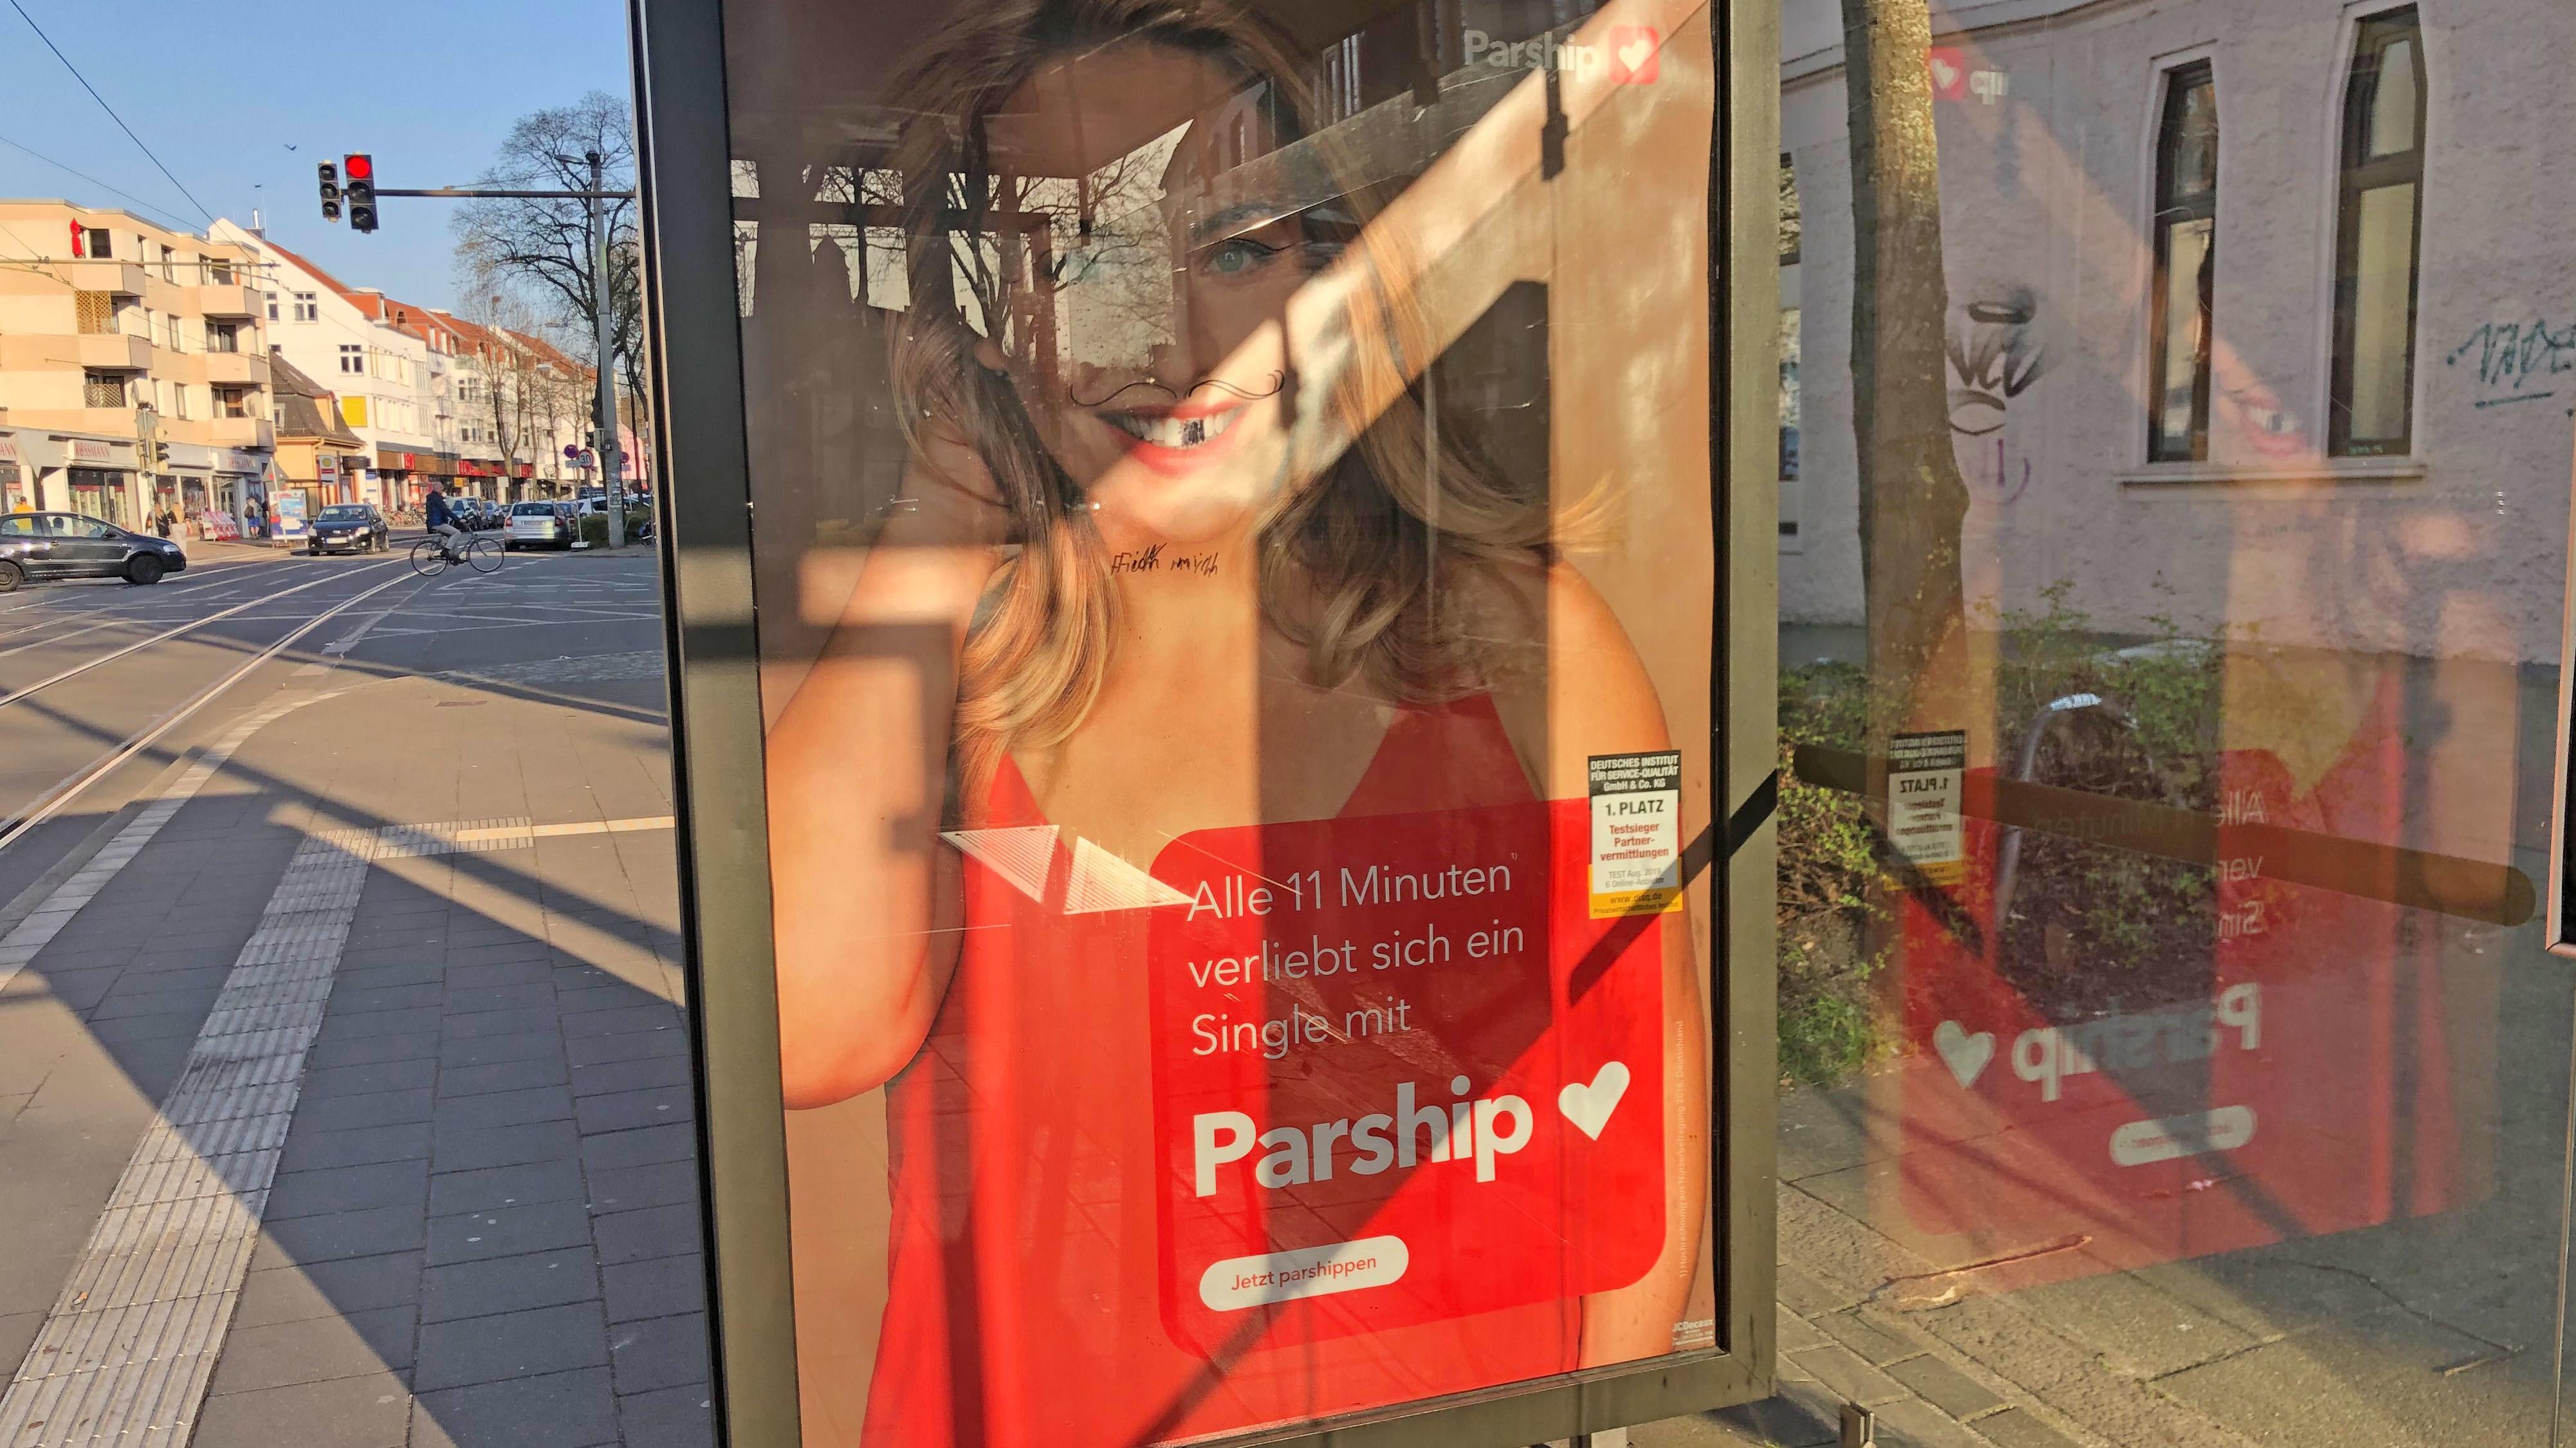 Plakat parship werbung Parship werbung